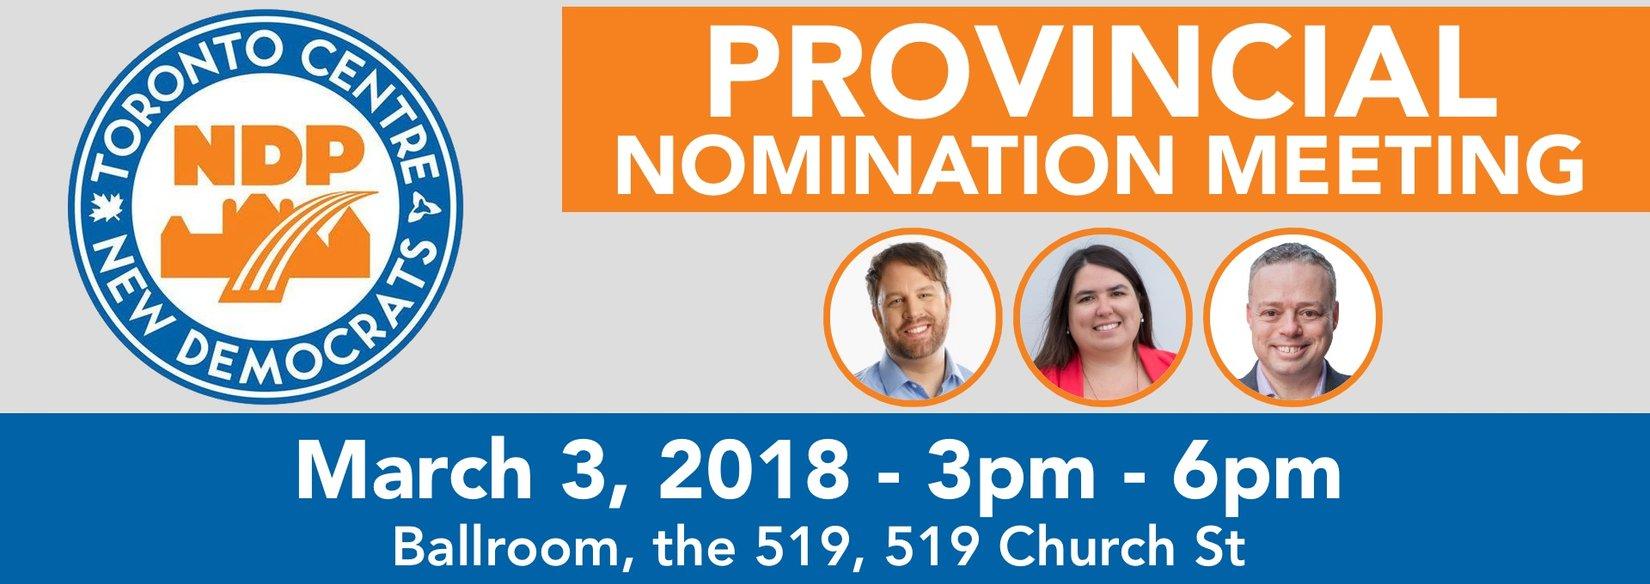 nomination-nb.jpg